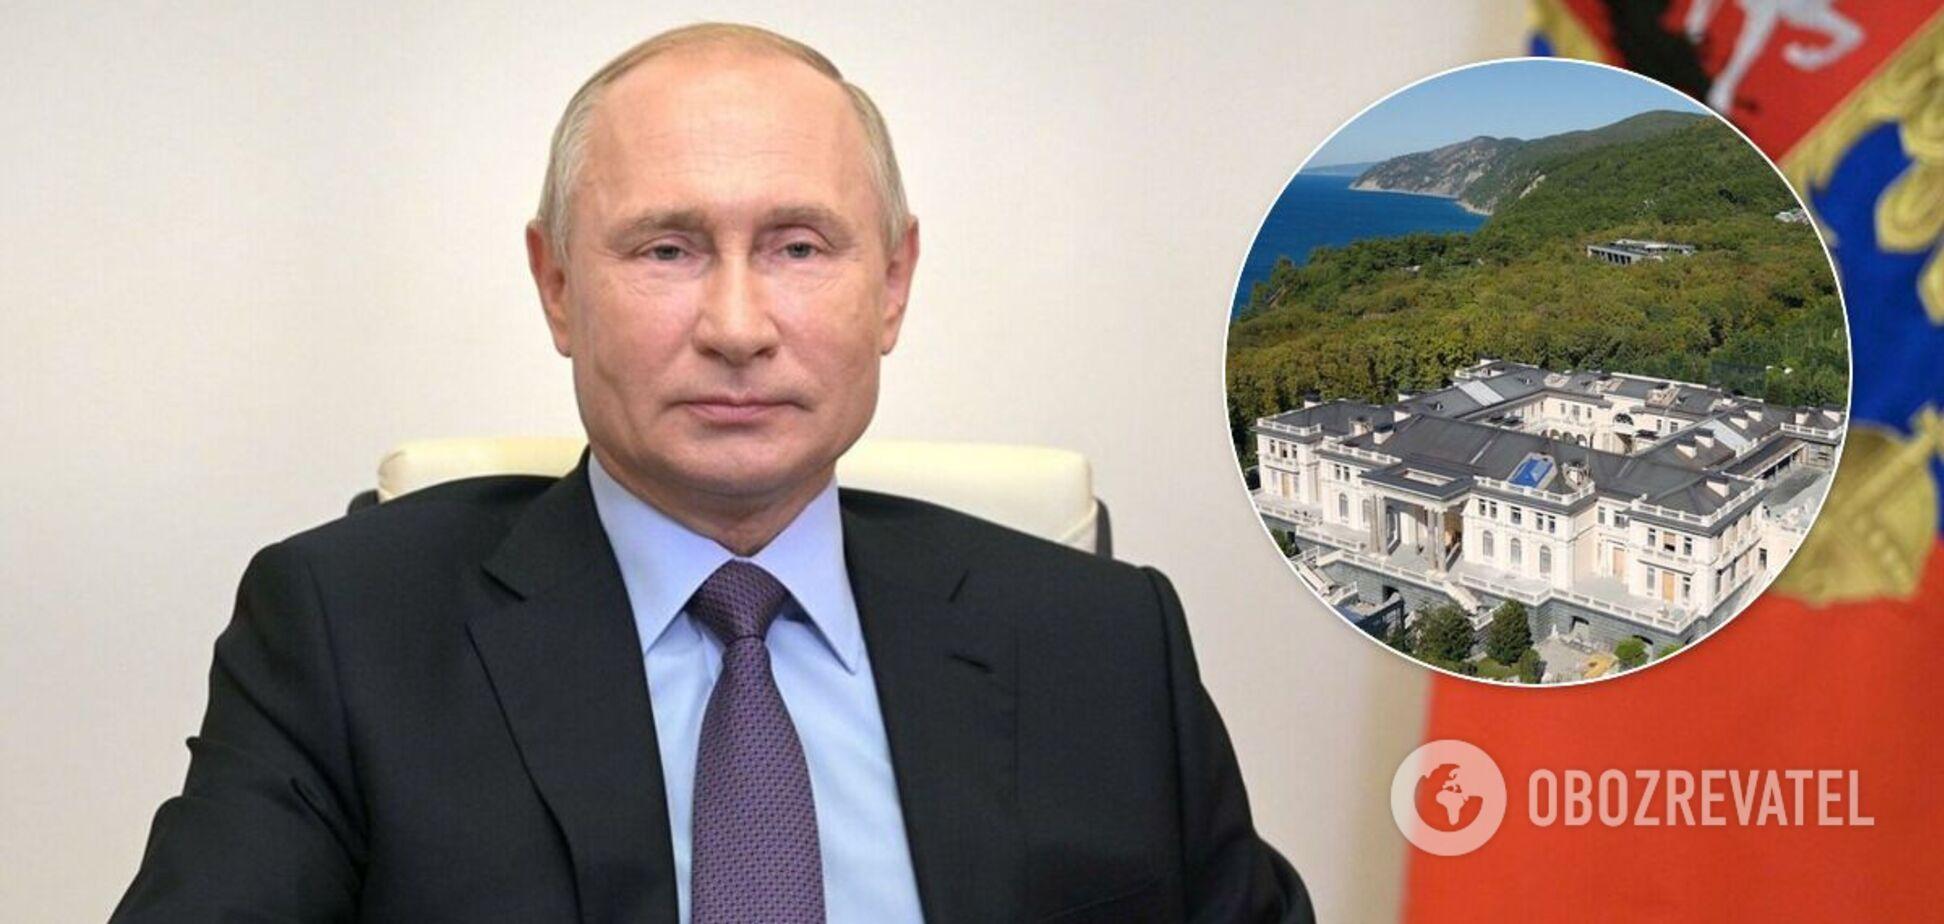 Климкин: российские элиты начали скрытую игру против Путина